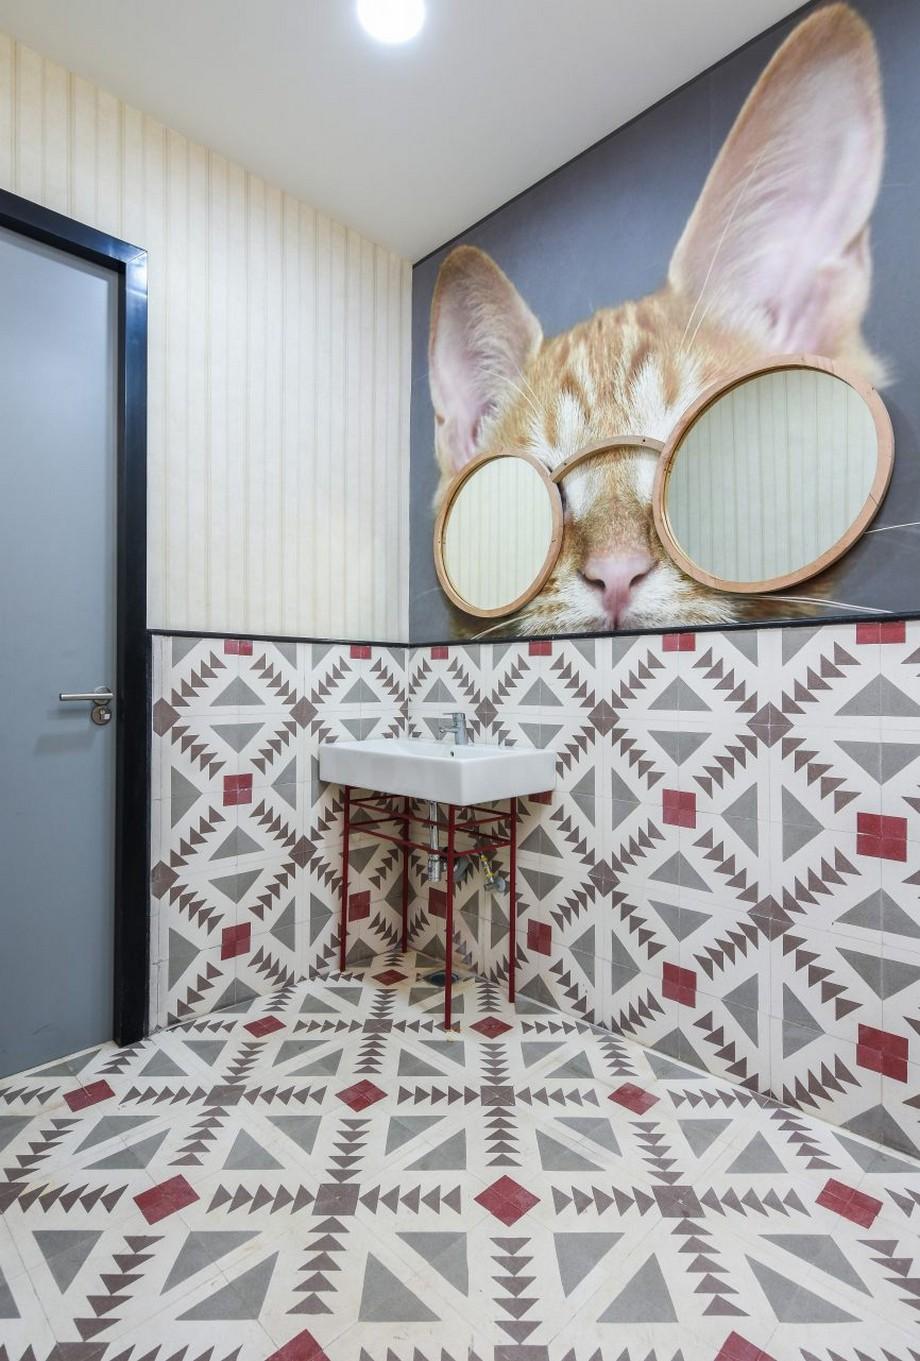 Thiết kế nội thất văn phòng theo phong cách đương đại với gam màu sắc bắt mắt